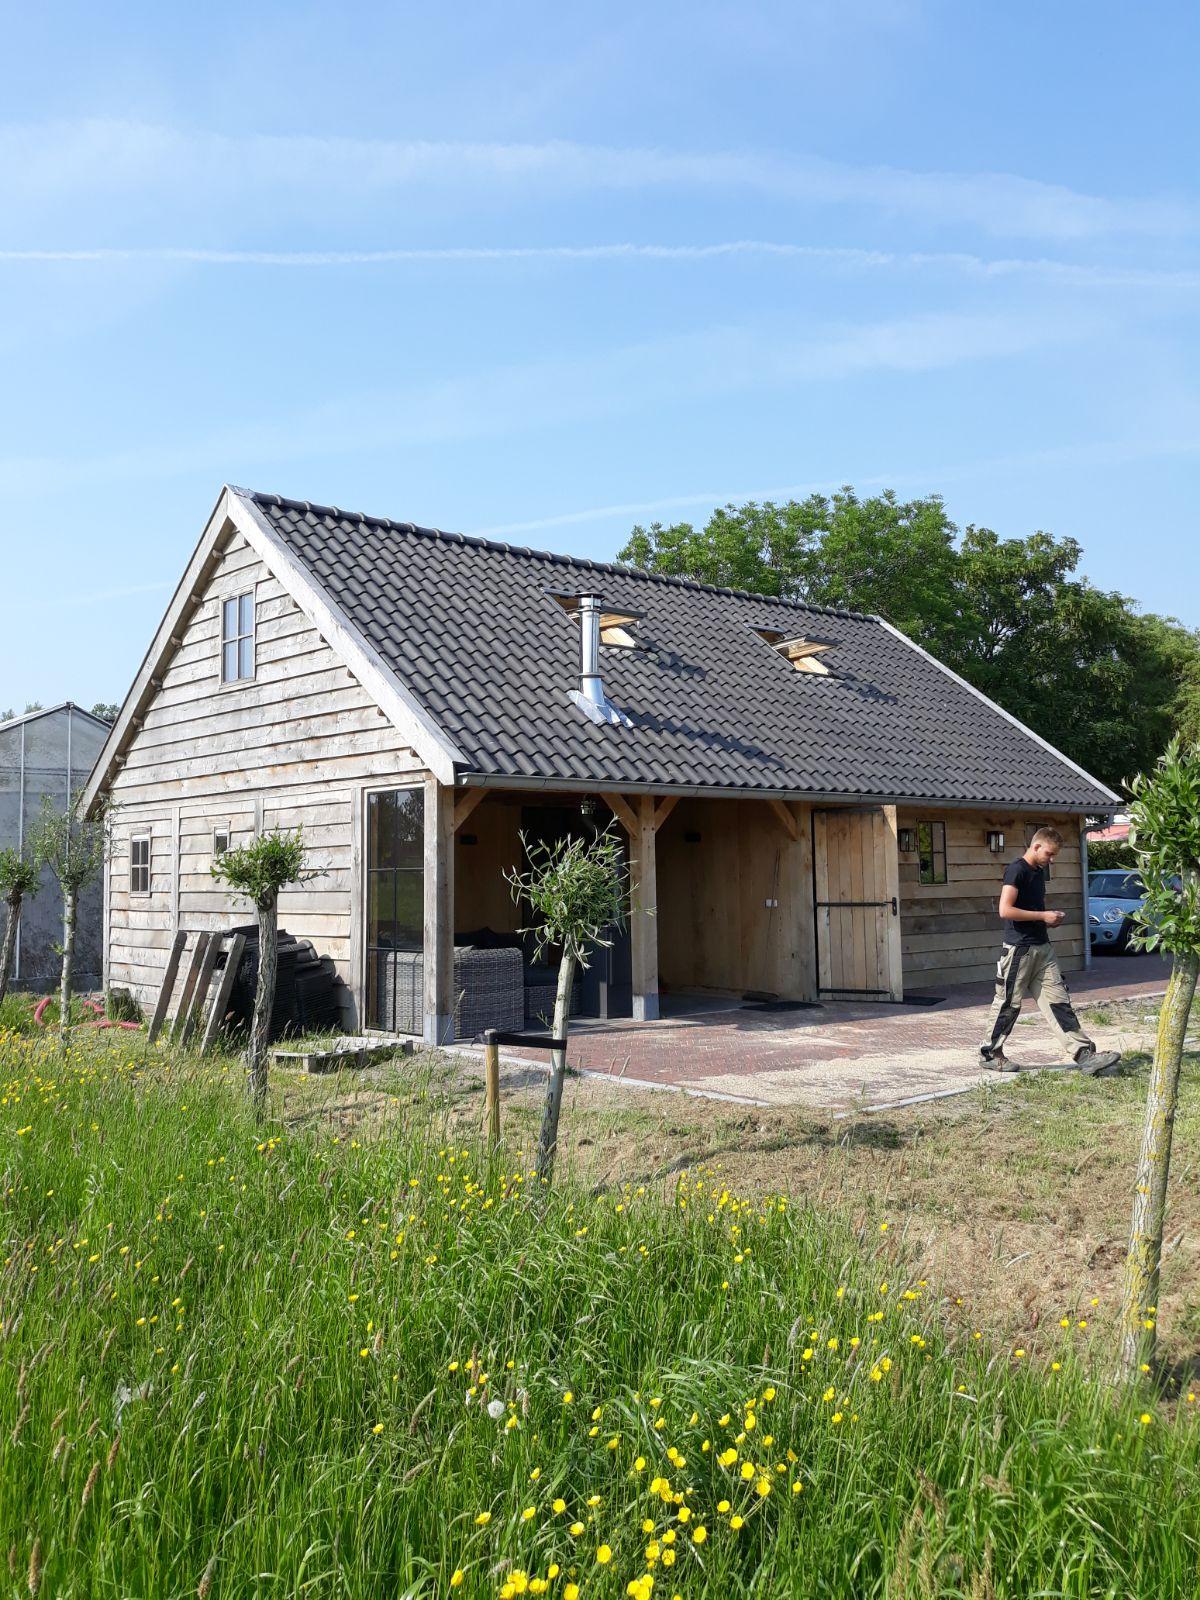 eiken-bijgebouw-10 - Project Maassluis: Eiken Recreatiewoning - Bijgebouw